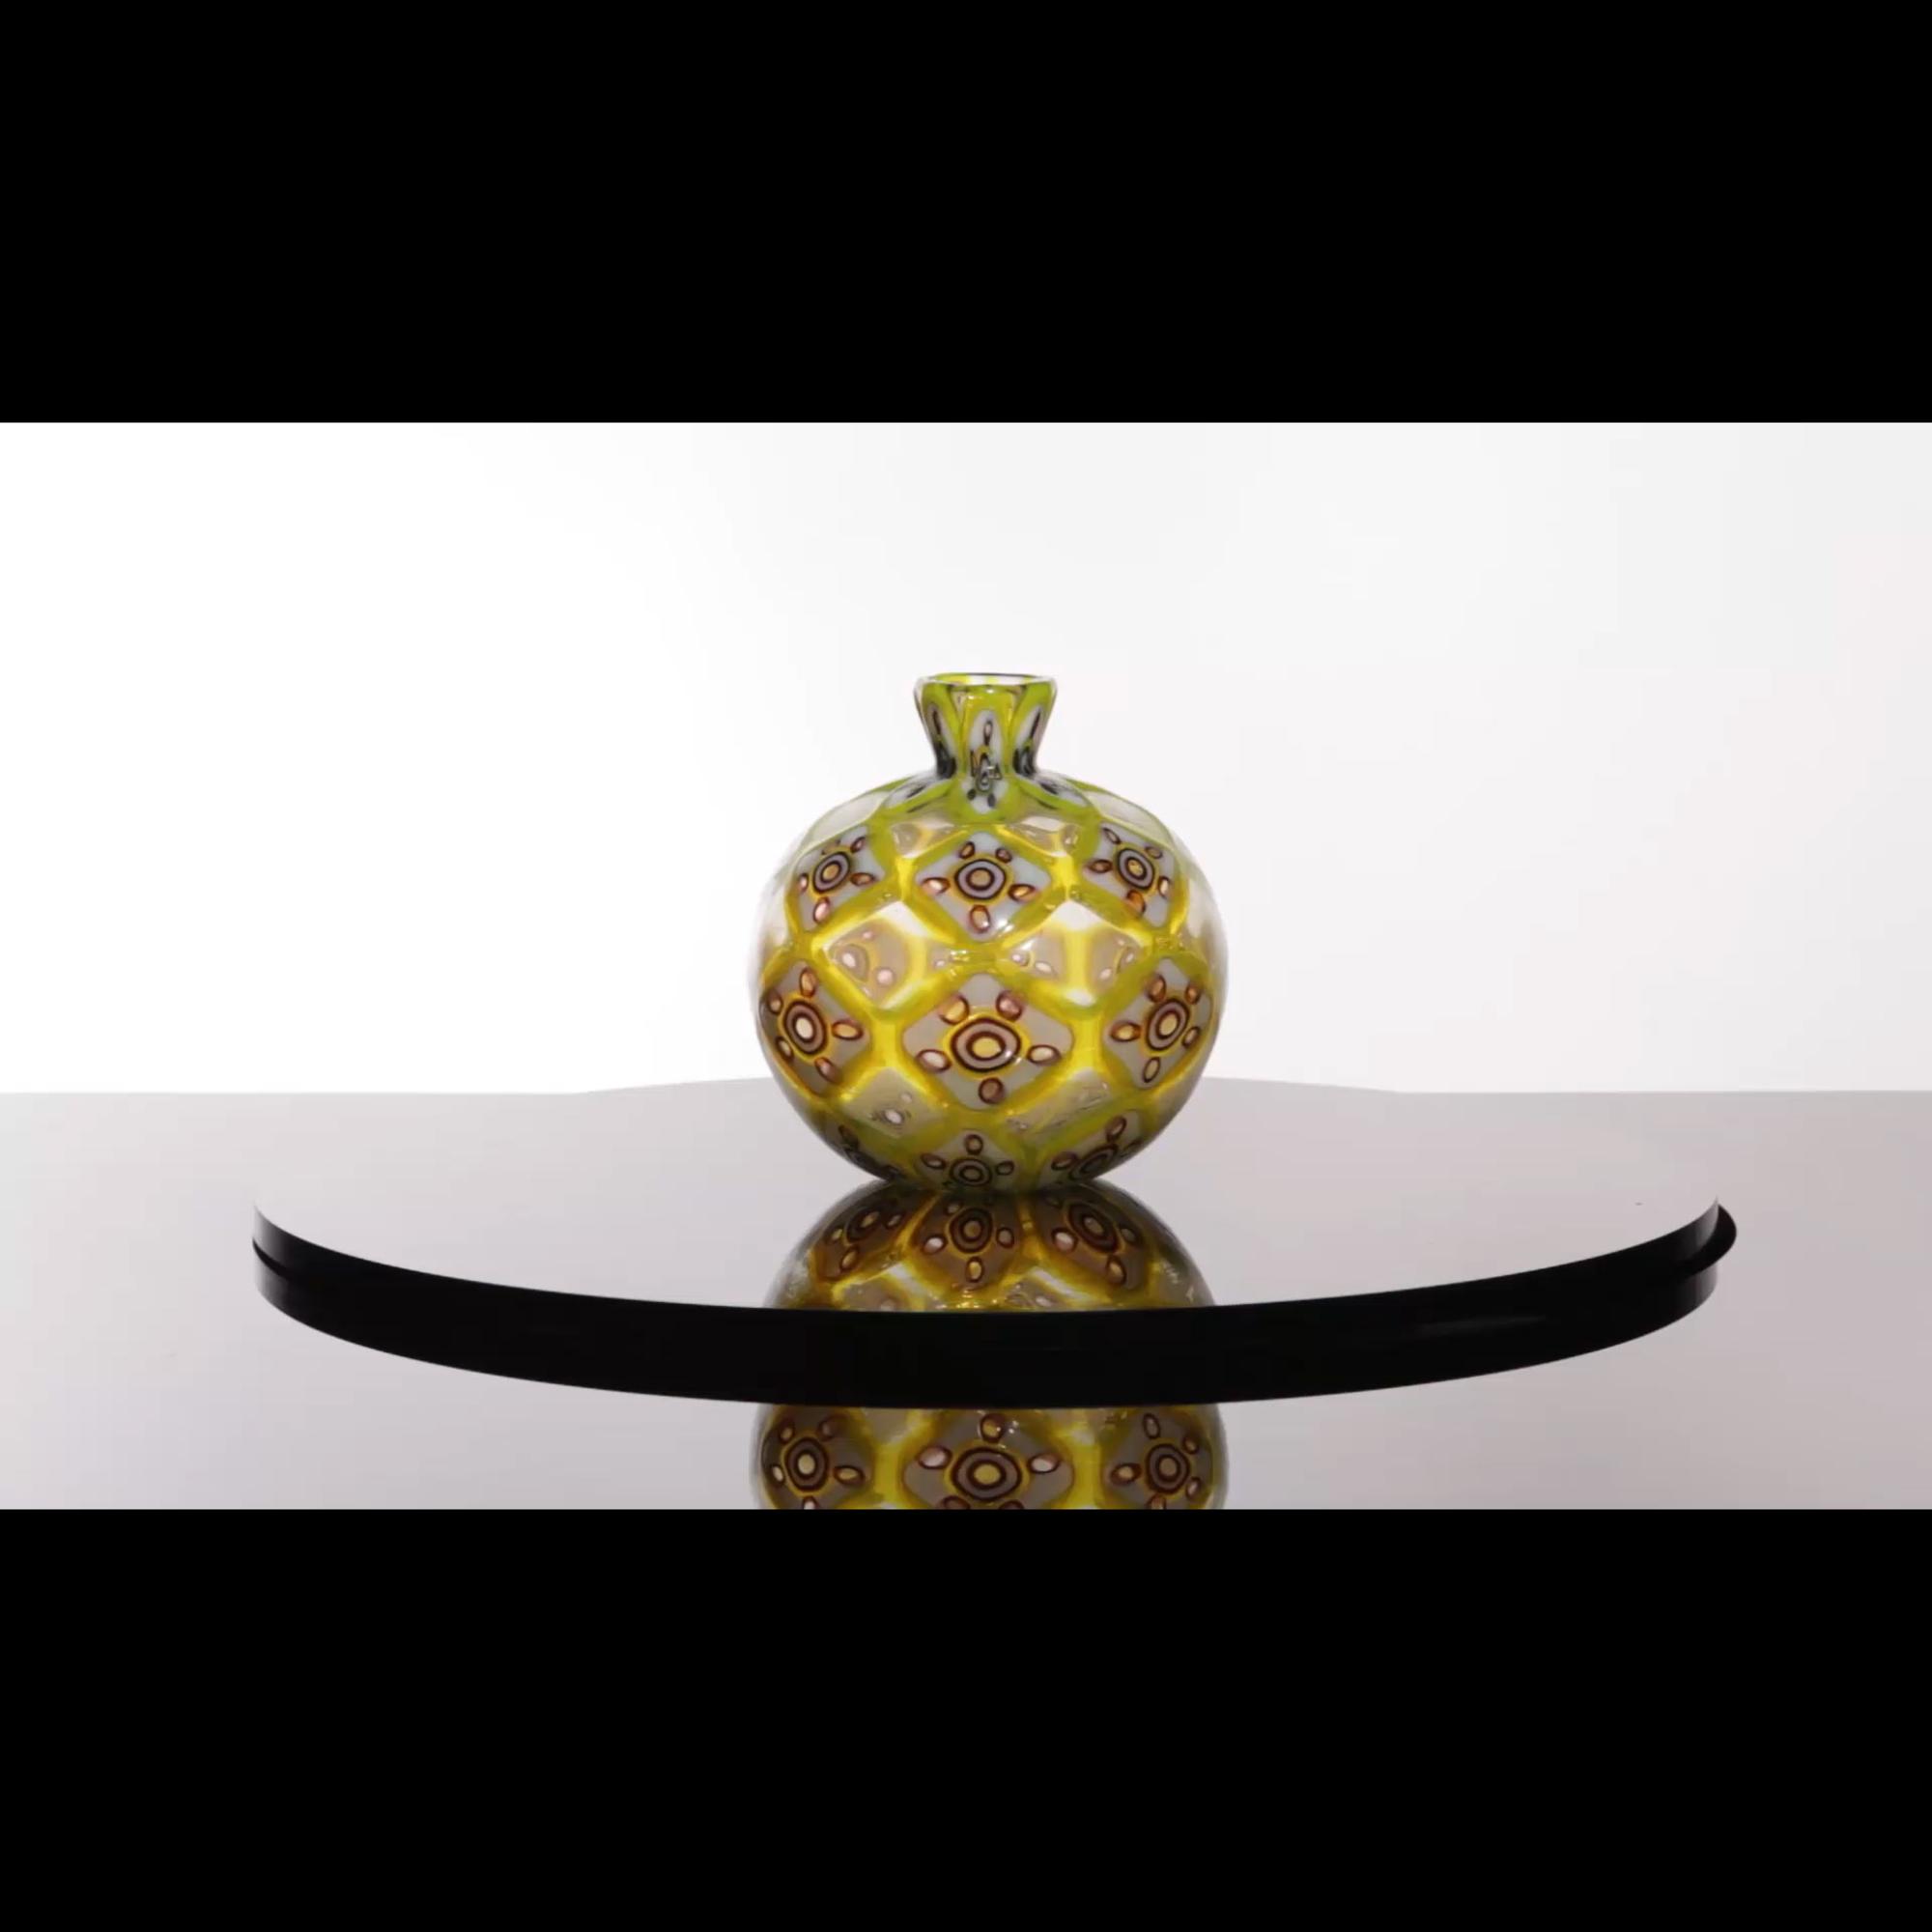 36: Ercole Barovier / Rare Tessere Policrome vase (1 of 4)